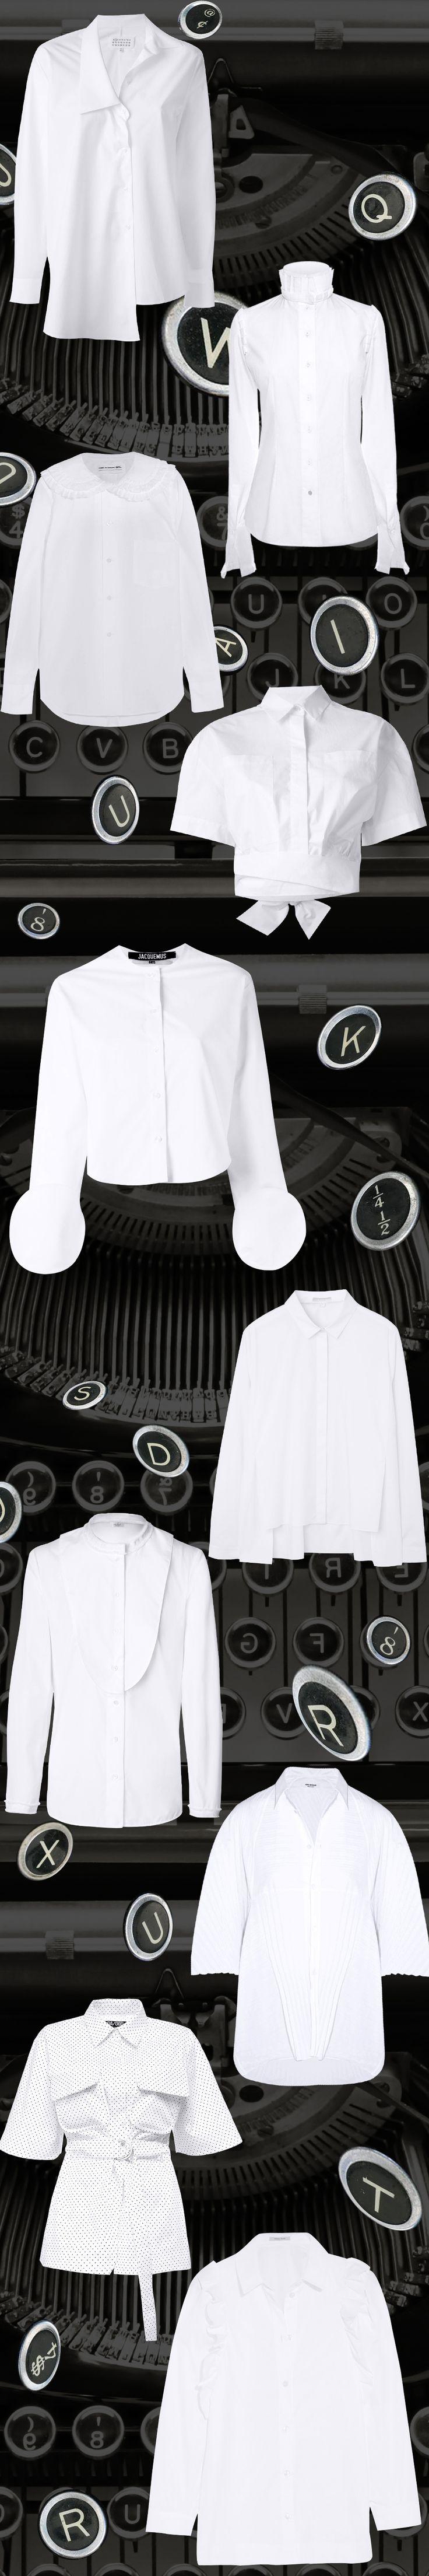 Эталонный образец: Белые рубашки | Interview Россия